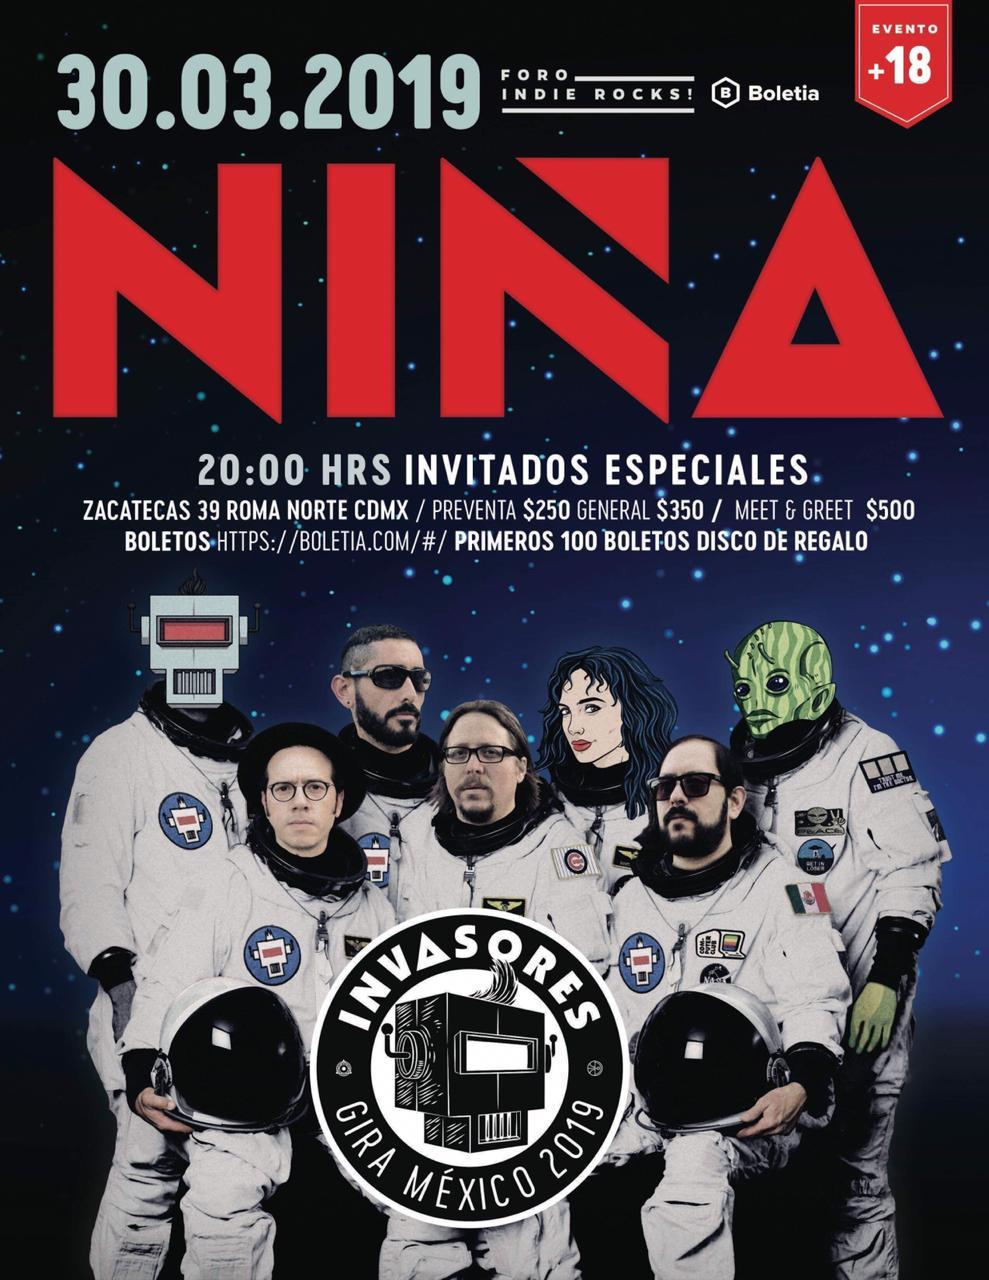 NIÑA_2019_INVASORES